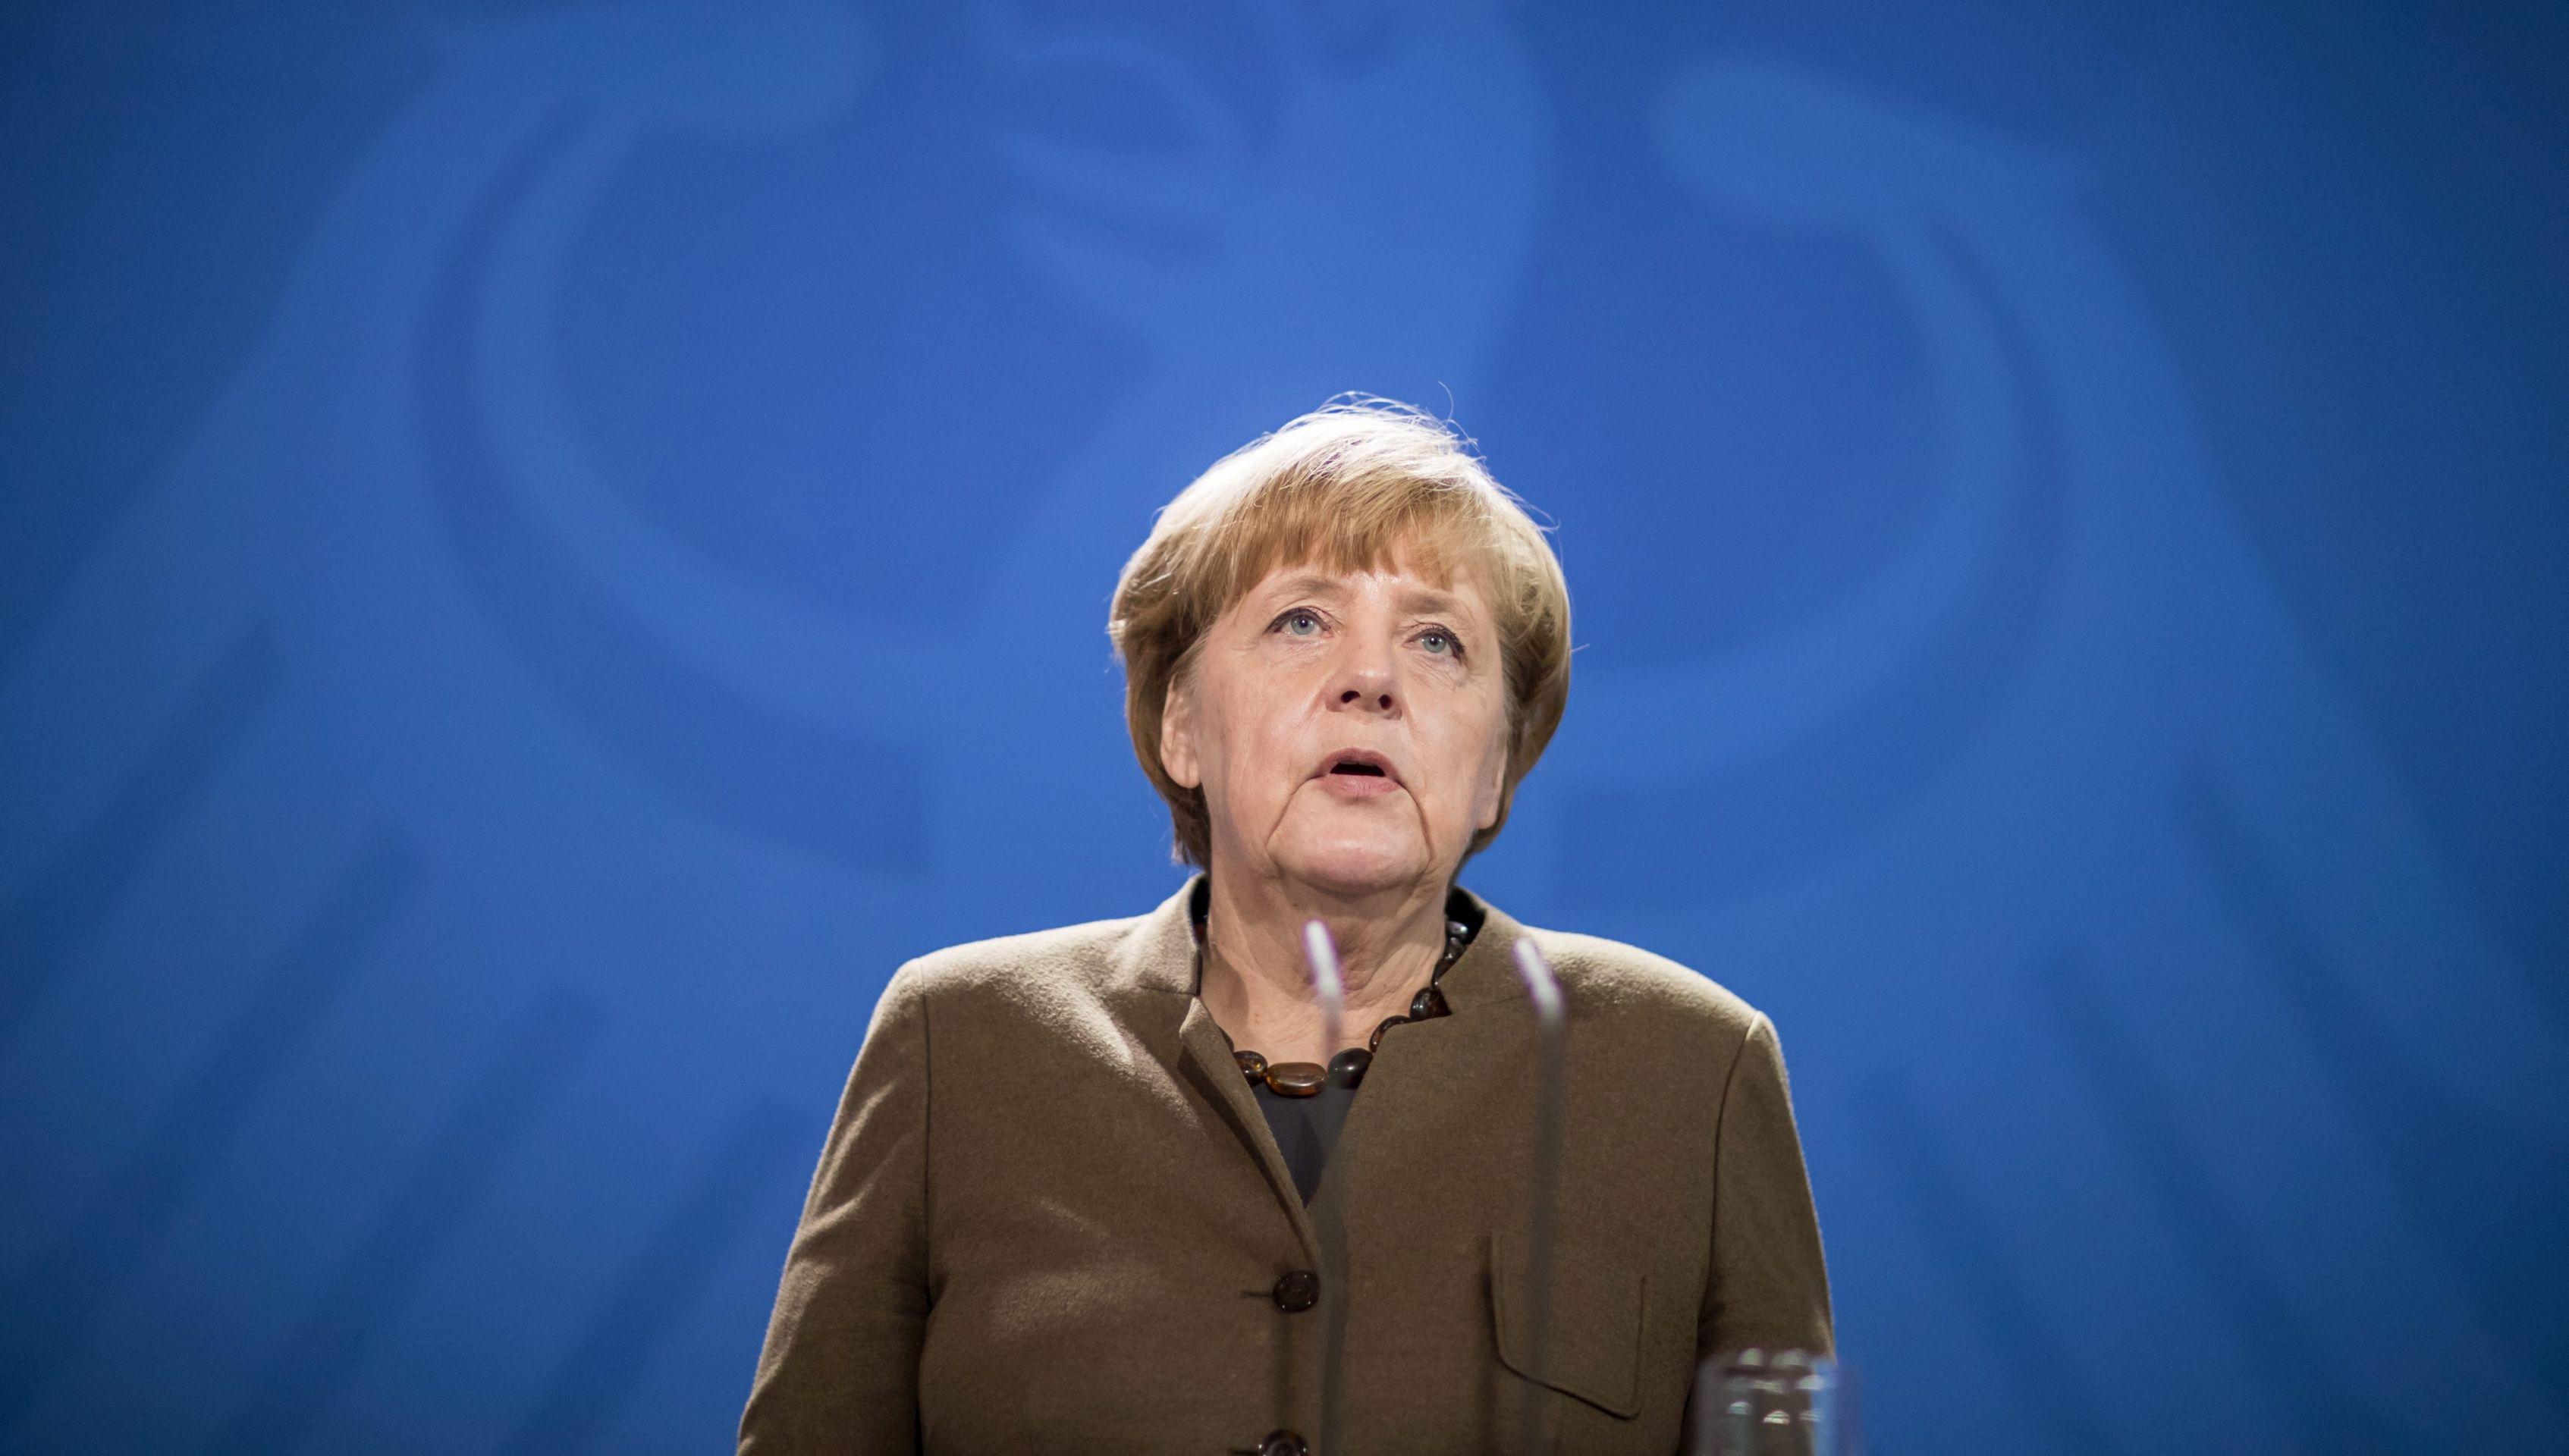 Merkel izrazila razumijevanje za američki napad na Siriju